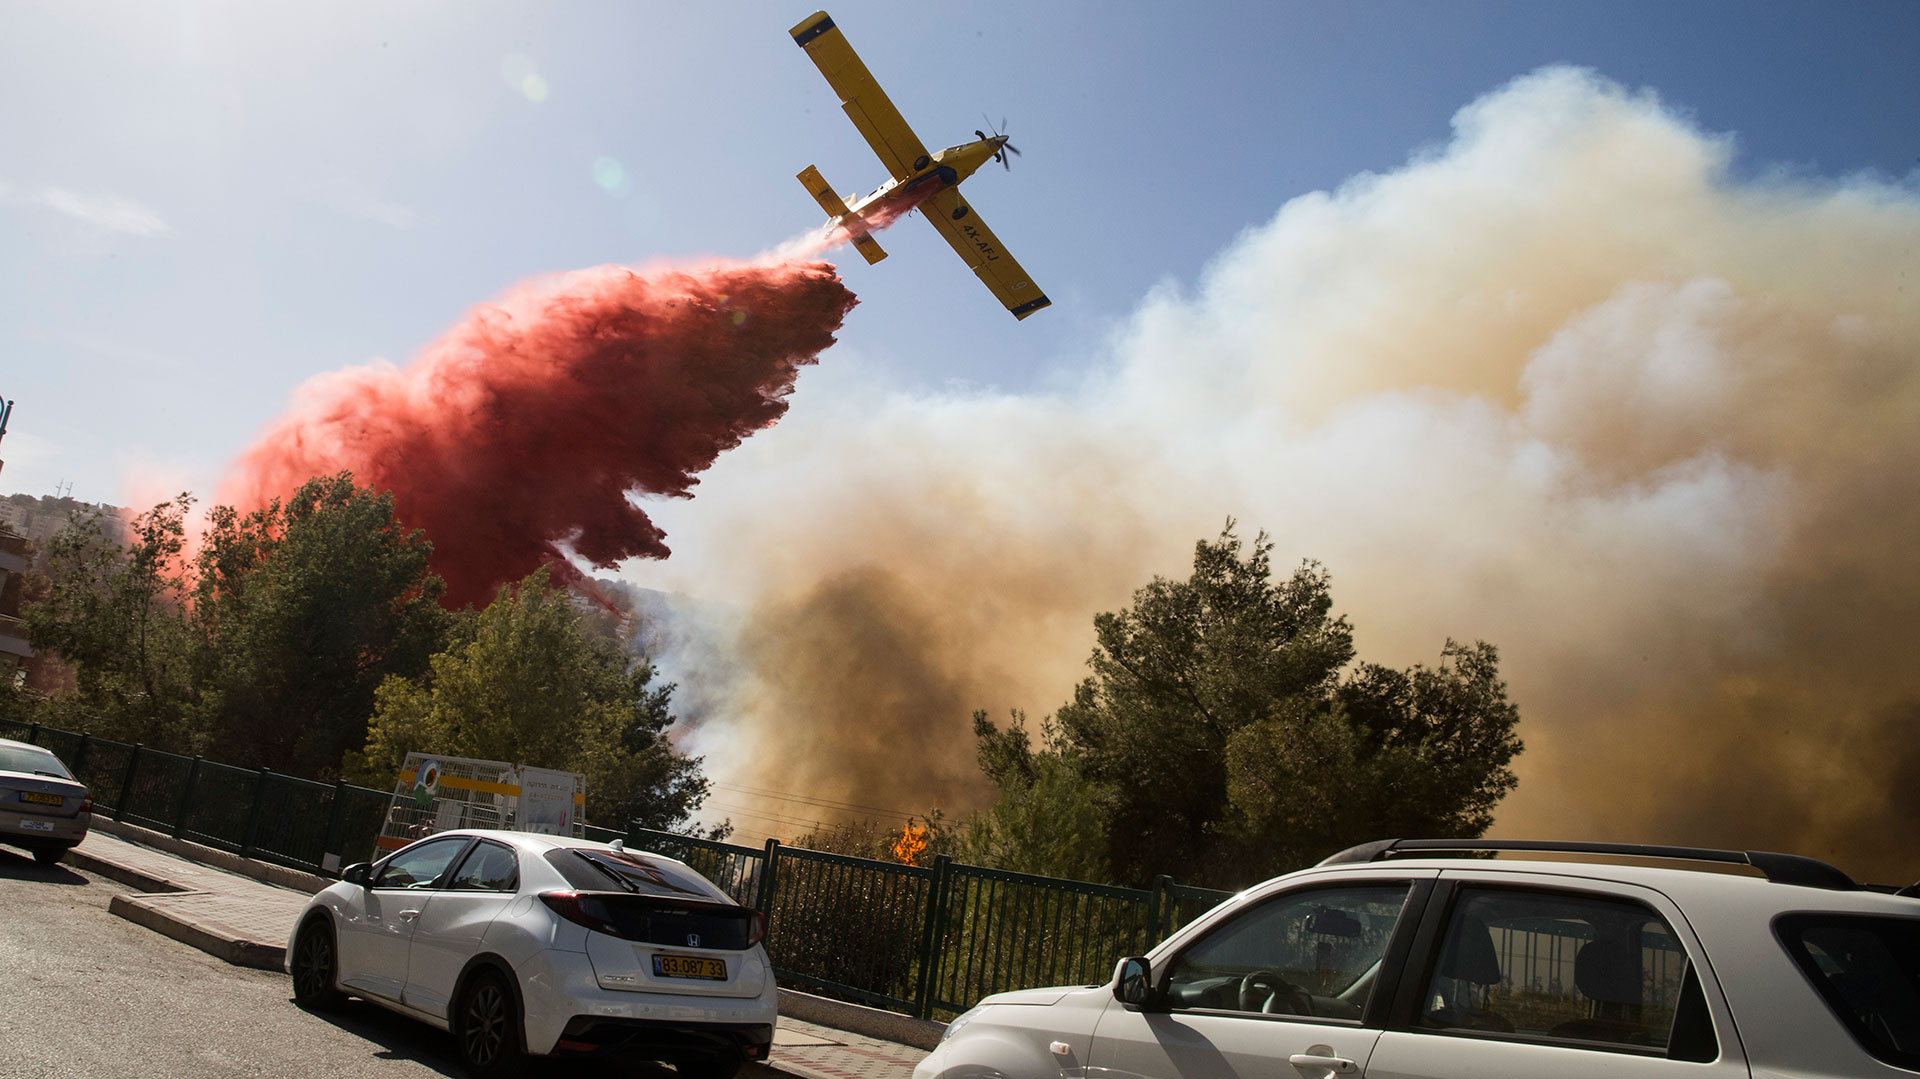 incendio-en-israel-2